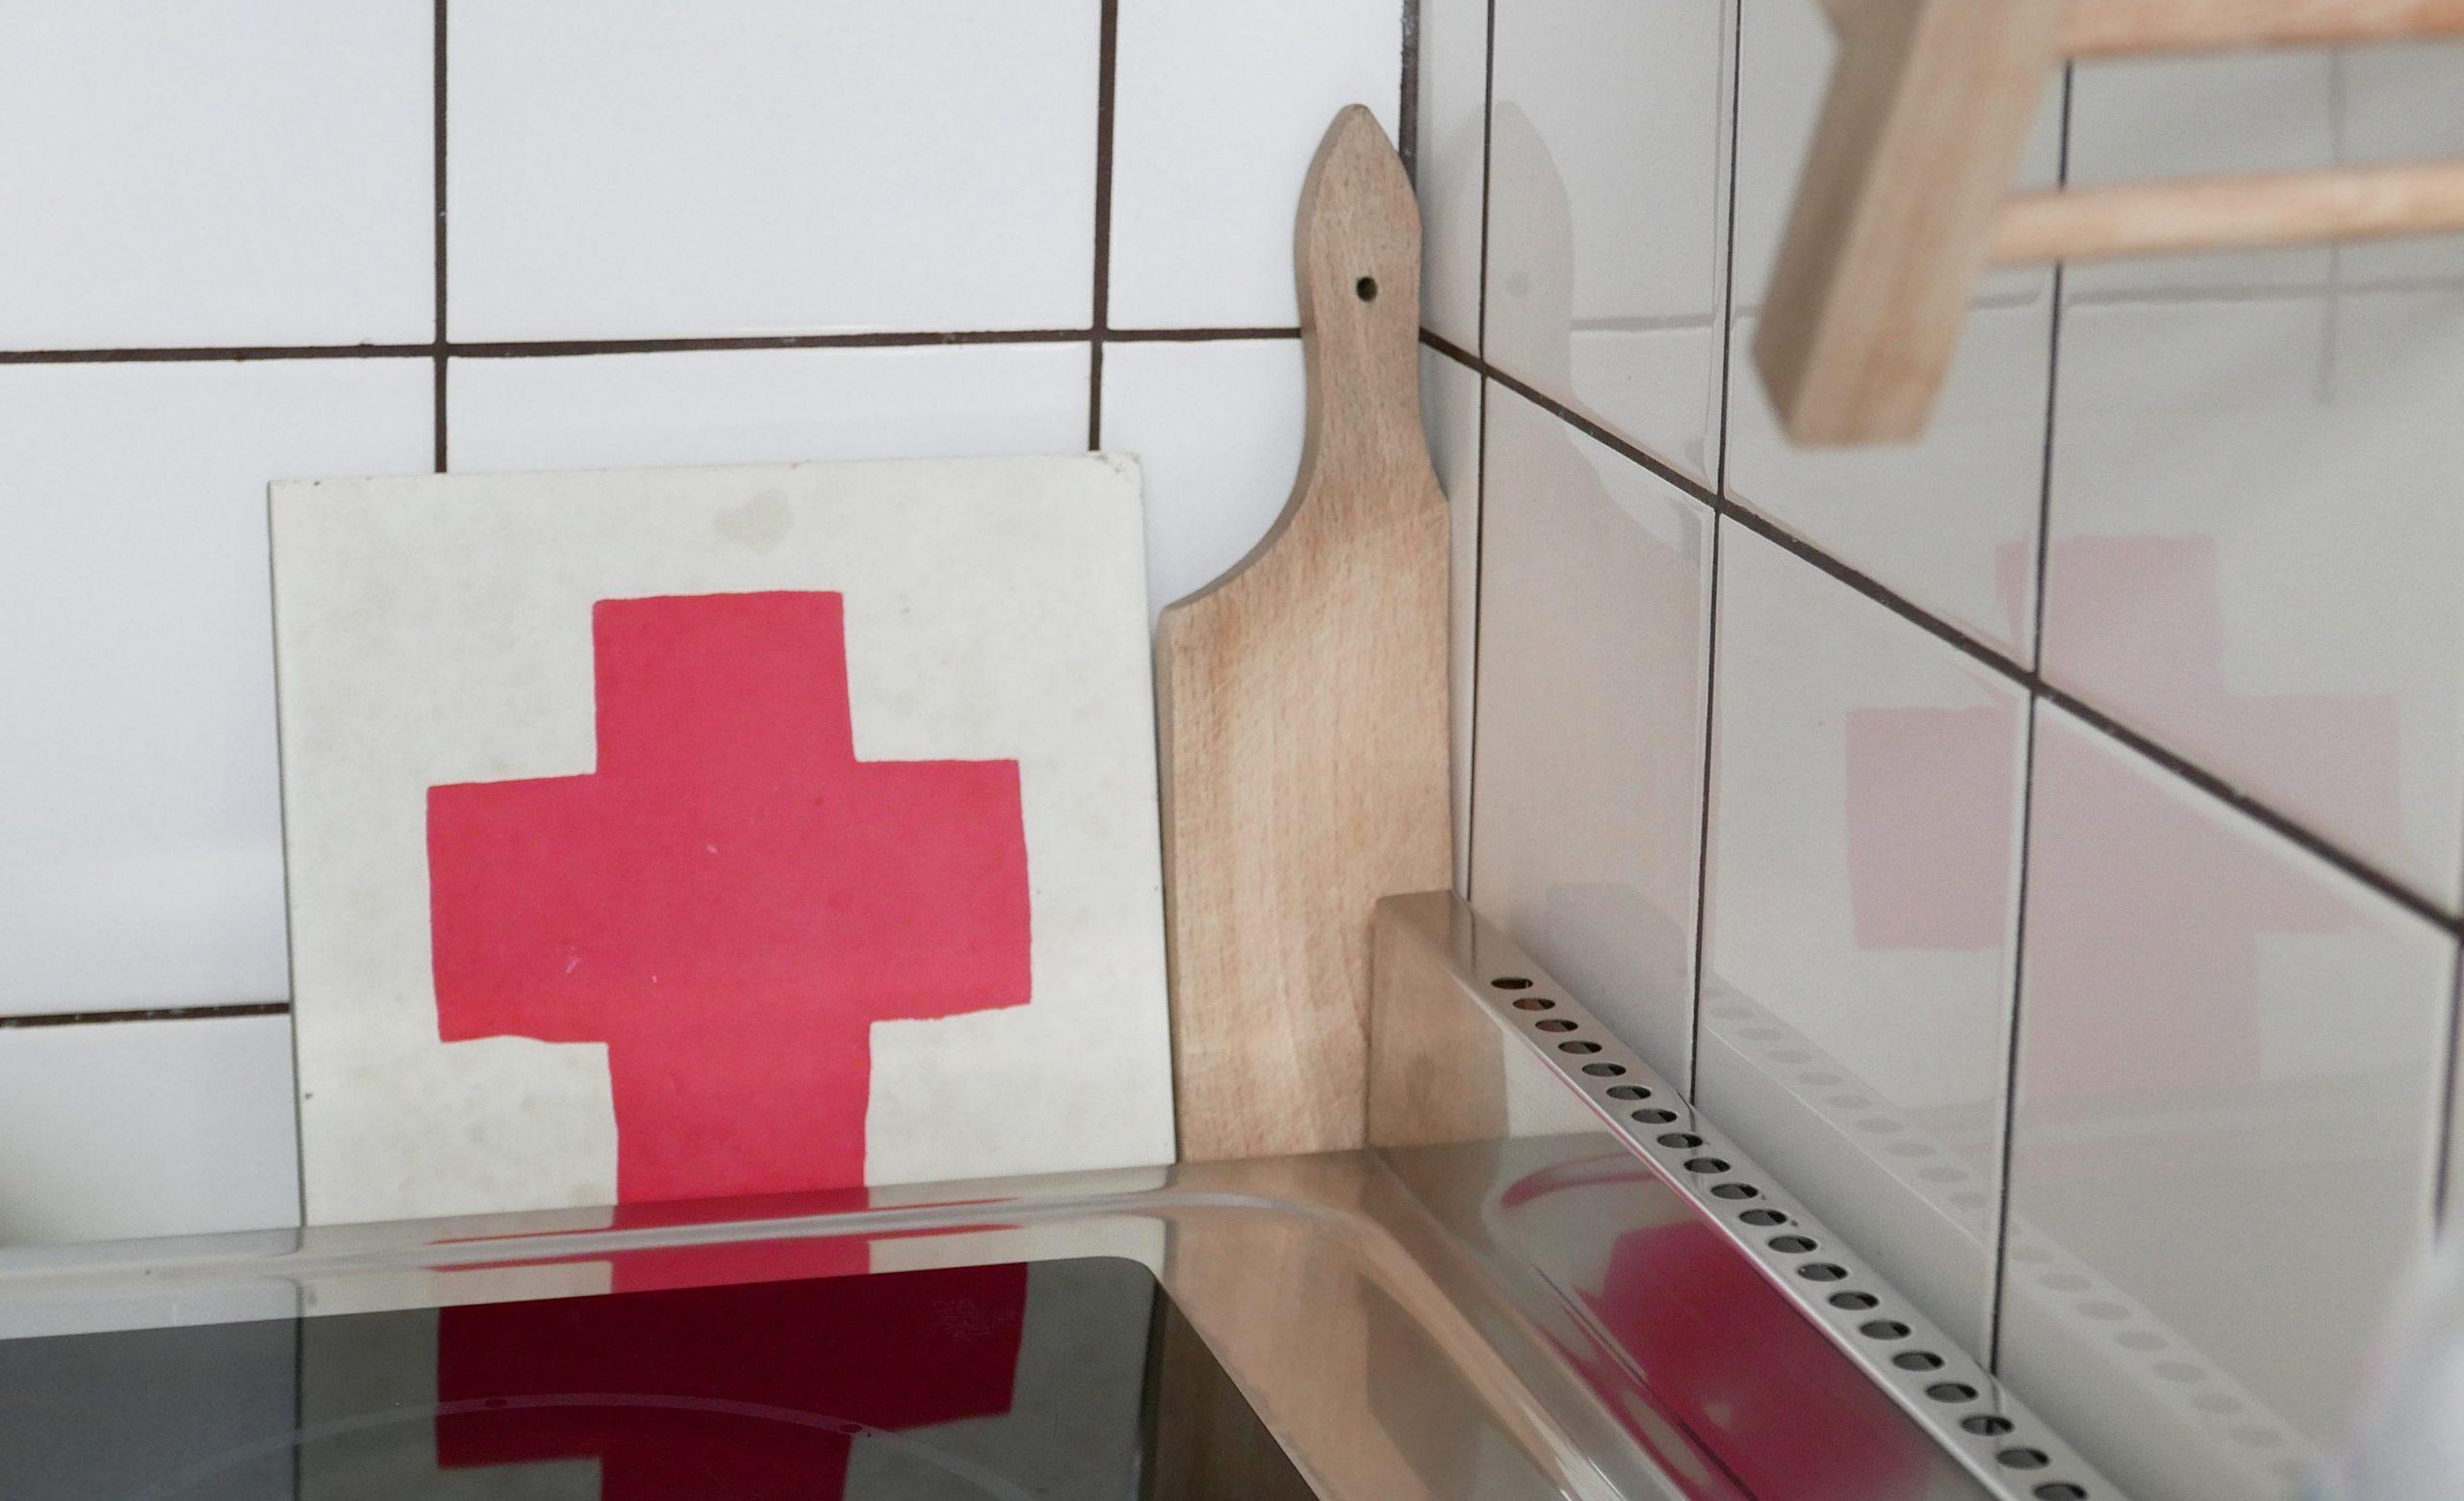 Spiegelung einer Zementfliese mit einem roten Kreuz